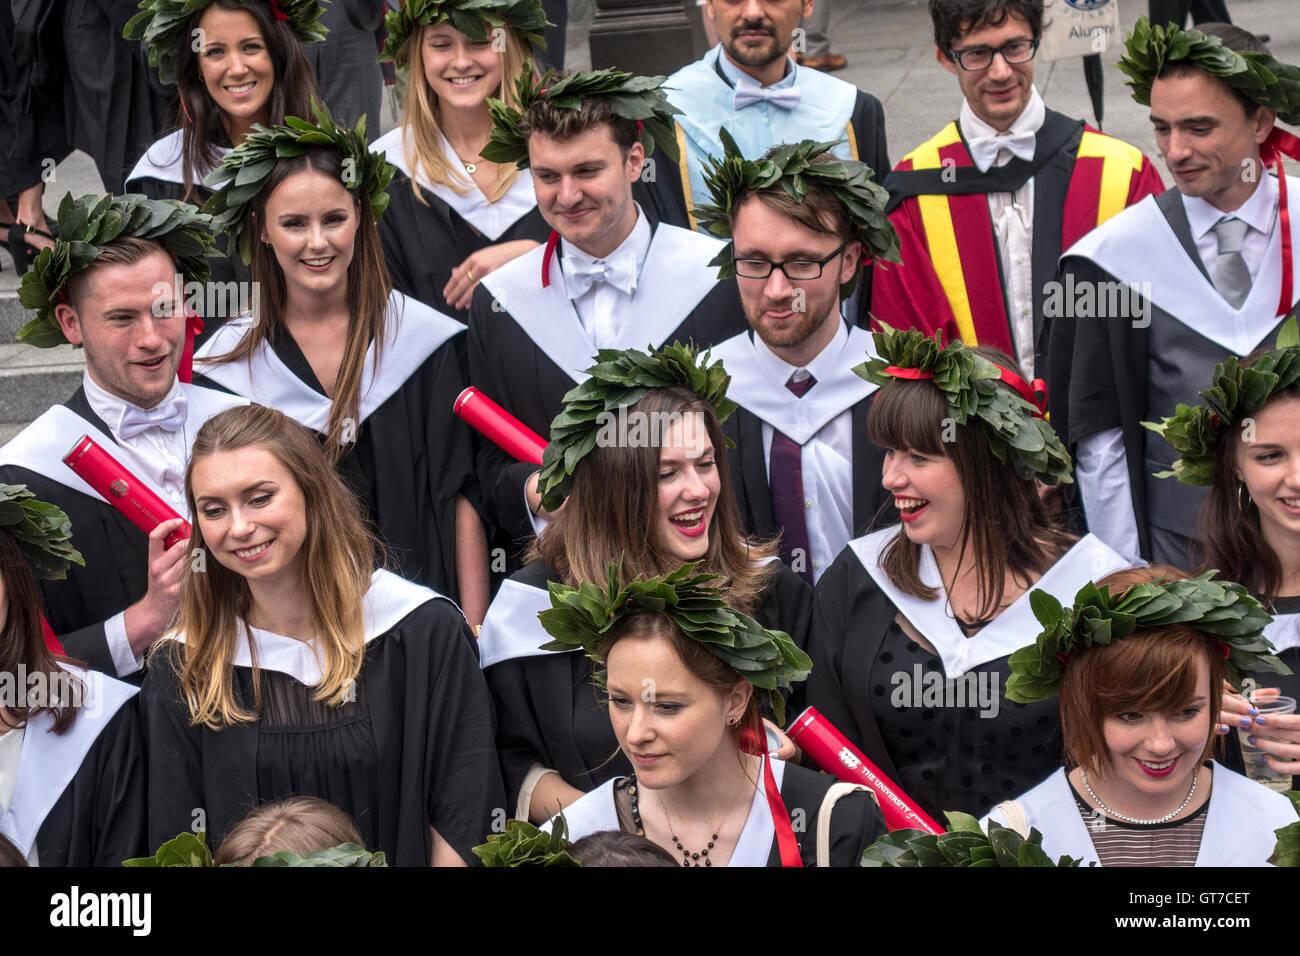 Día de Graduación en la Universidad de Edimburgo. Feliz graduandos luciendo coronas de laureles. Foto de stock